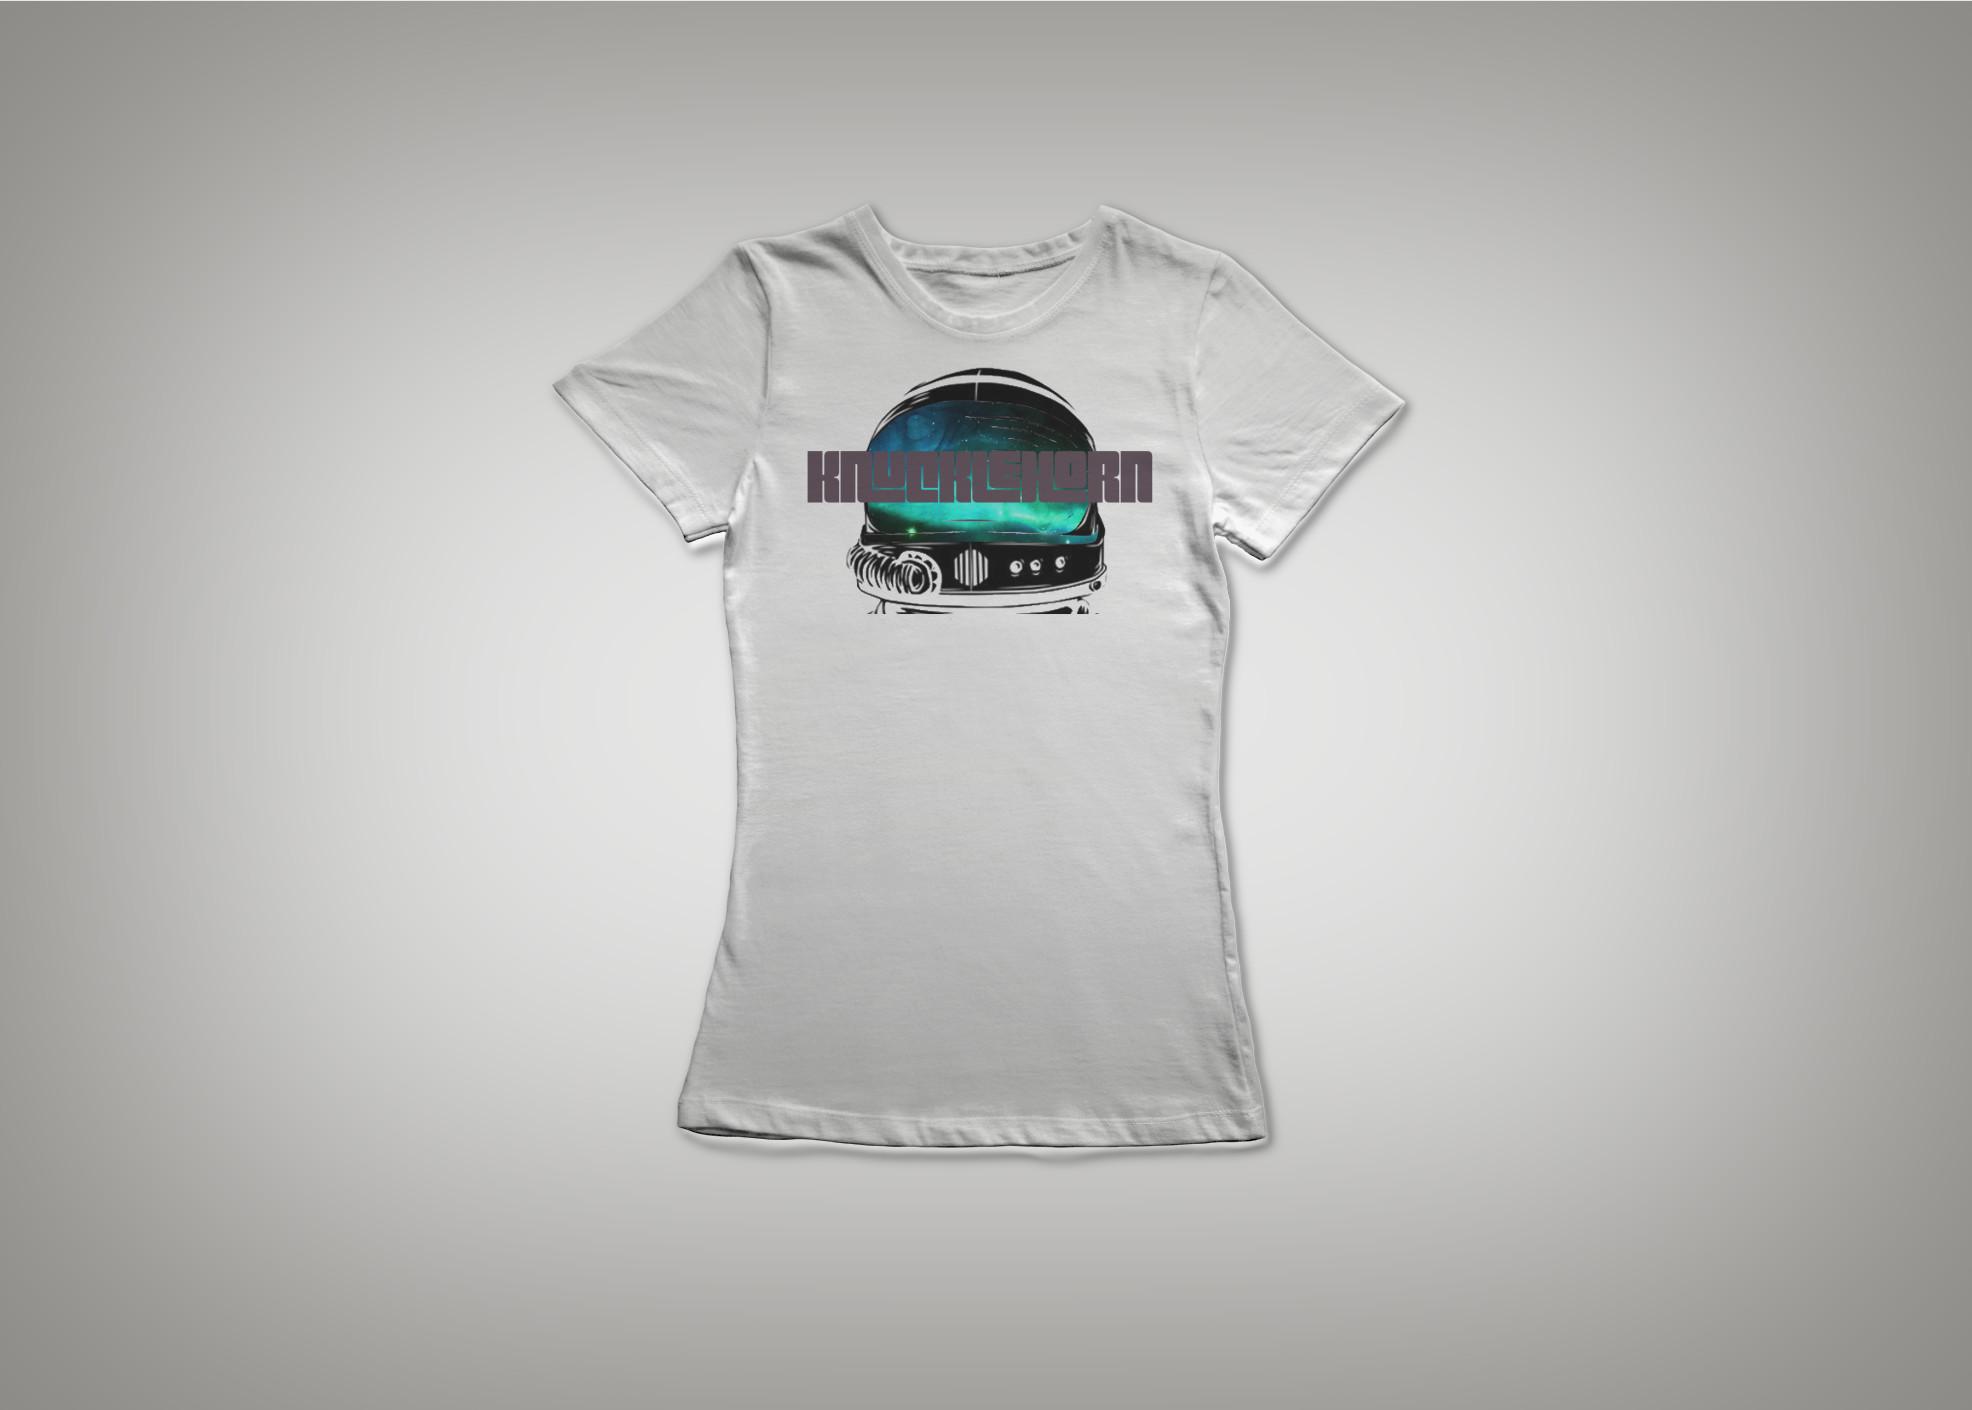 knucklehorn_ffffff_50_7866_White_Womens_T-shirt